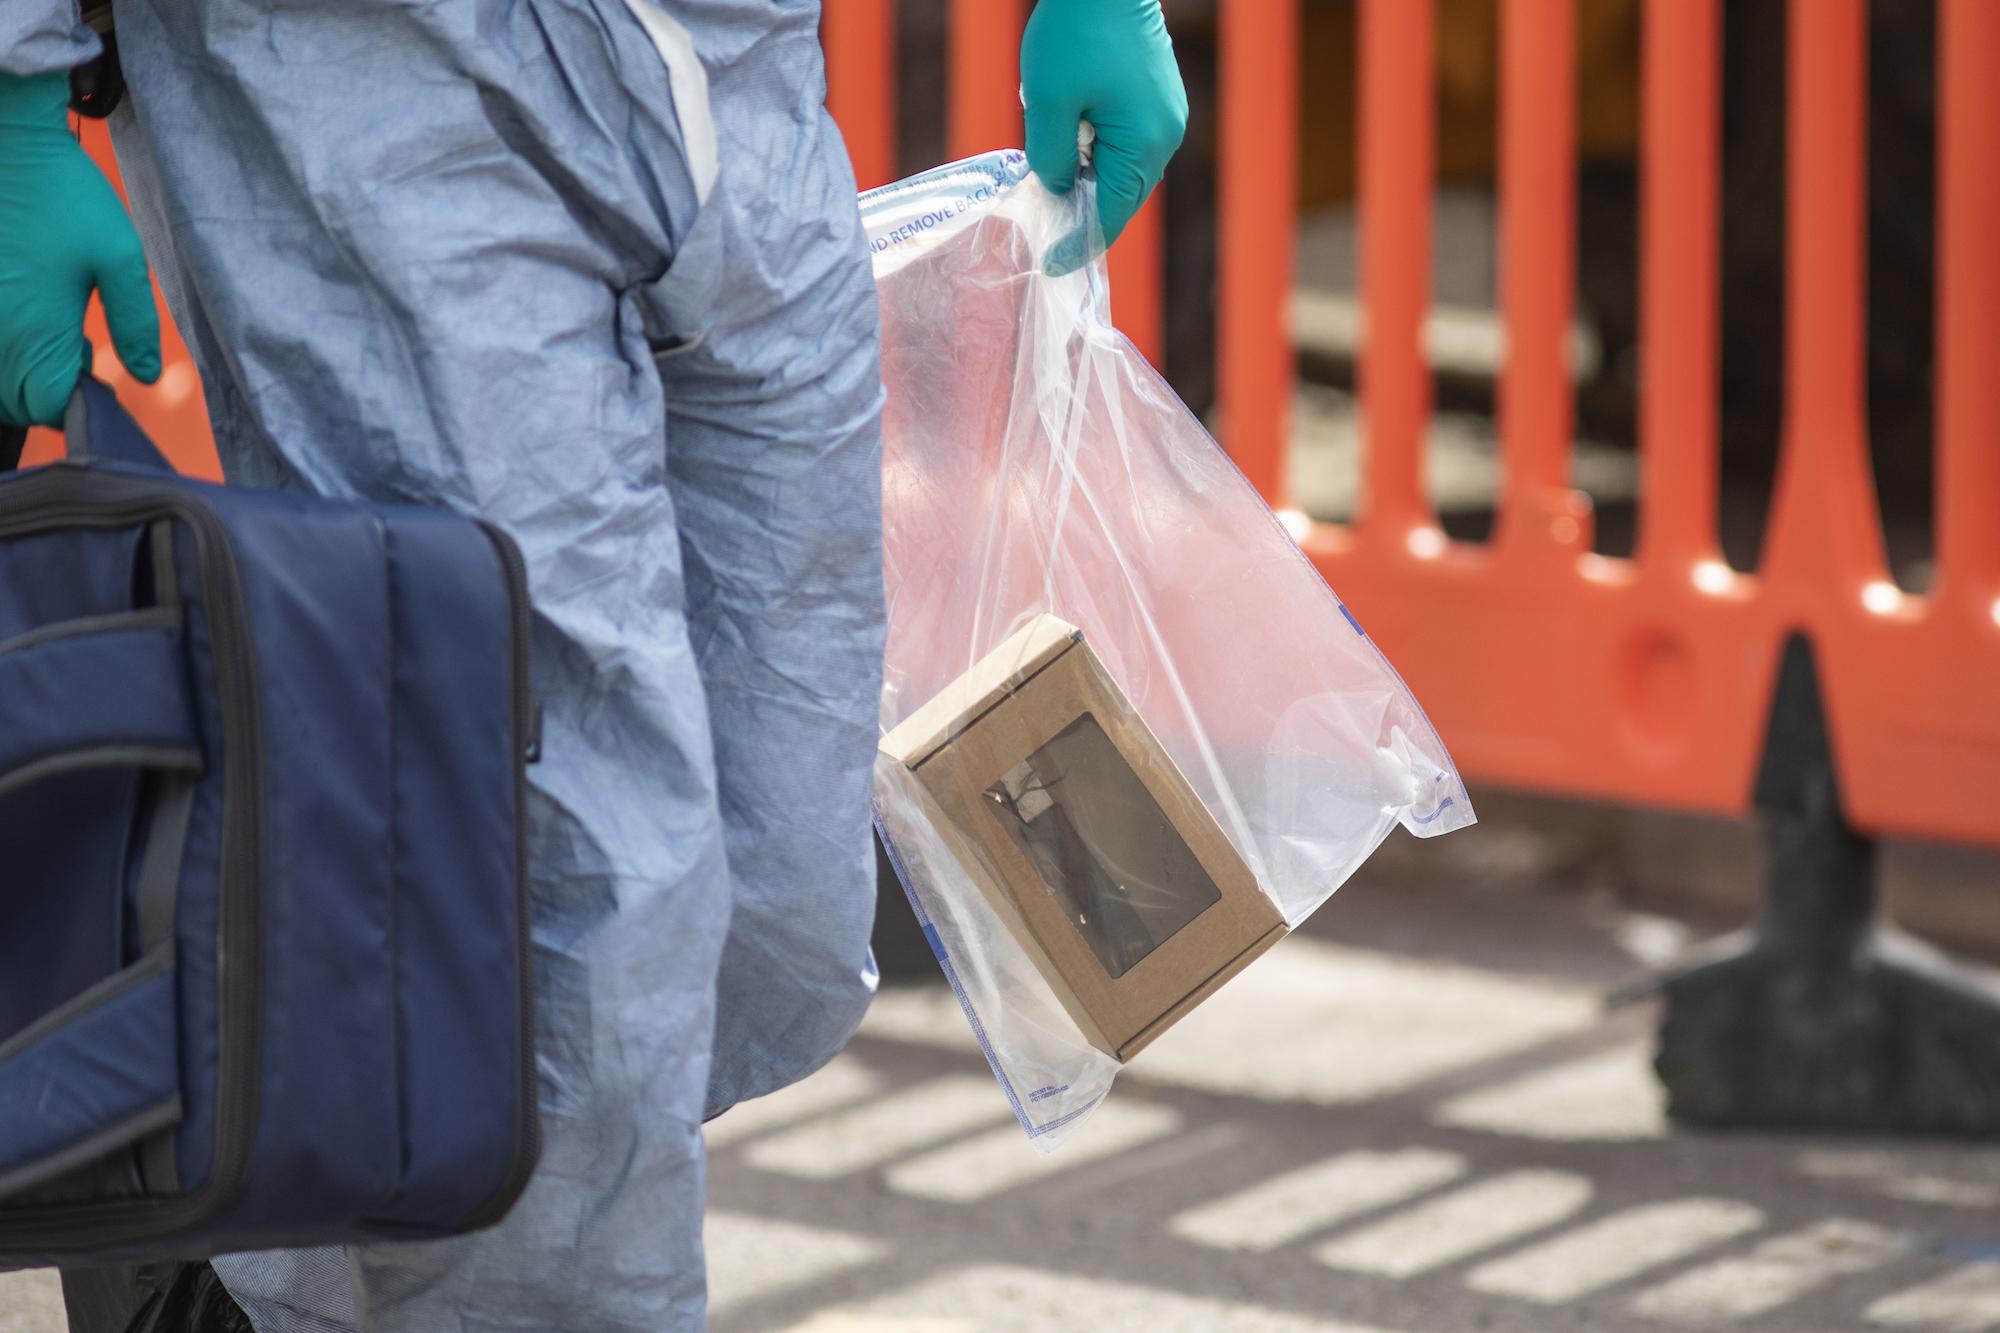 Knife Battle on Quiet London Street Brings Fifth Murder in 6 Days